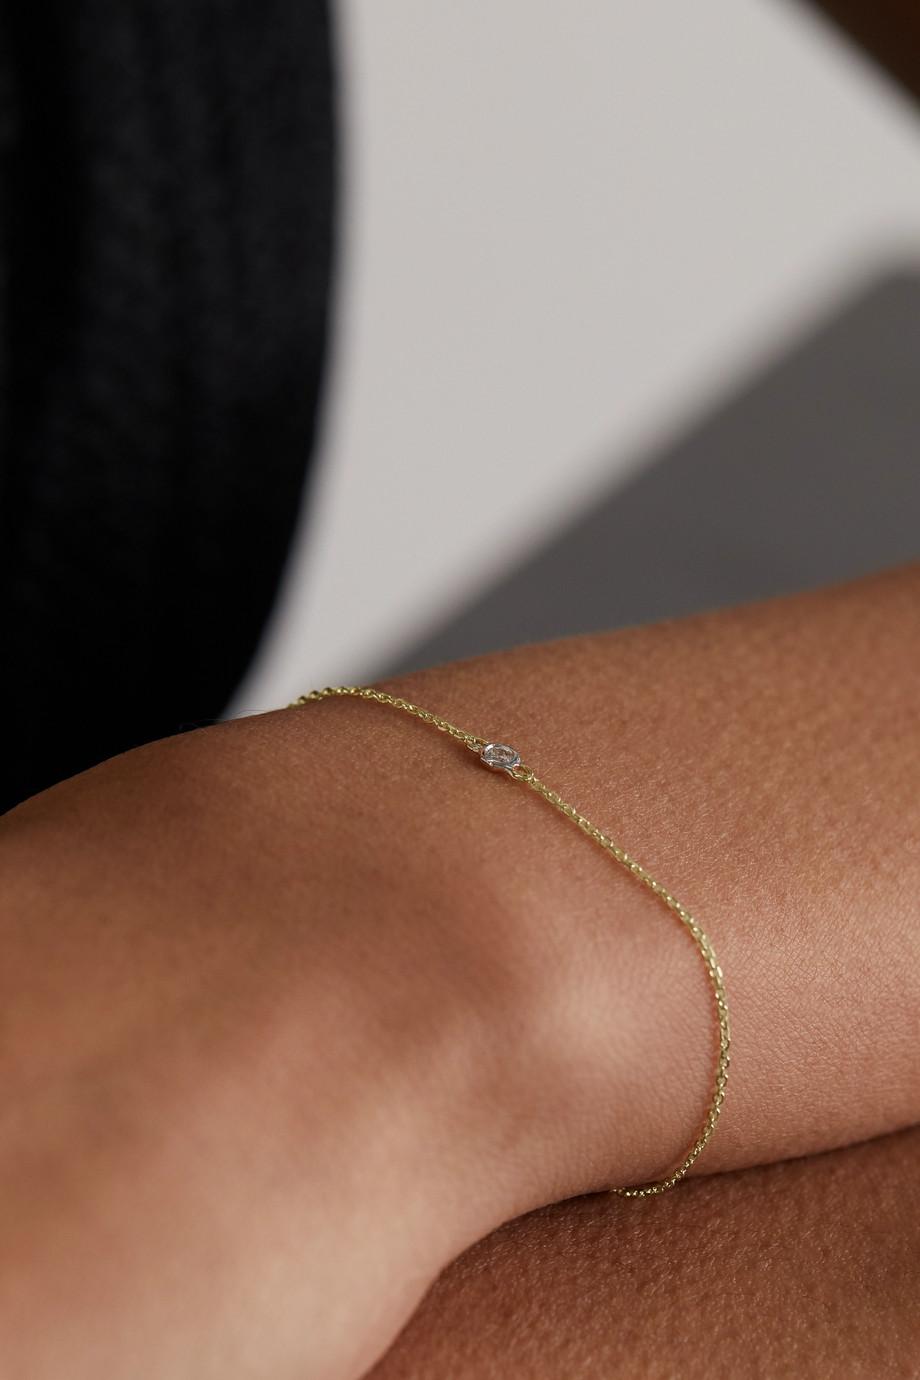 Mateo 14K 黄金钻石手链